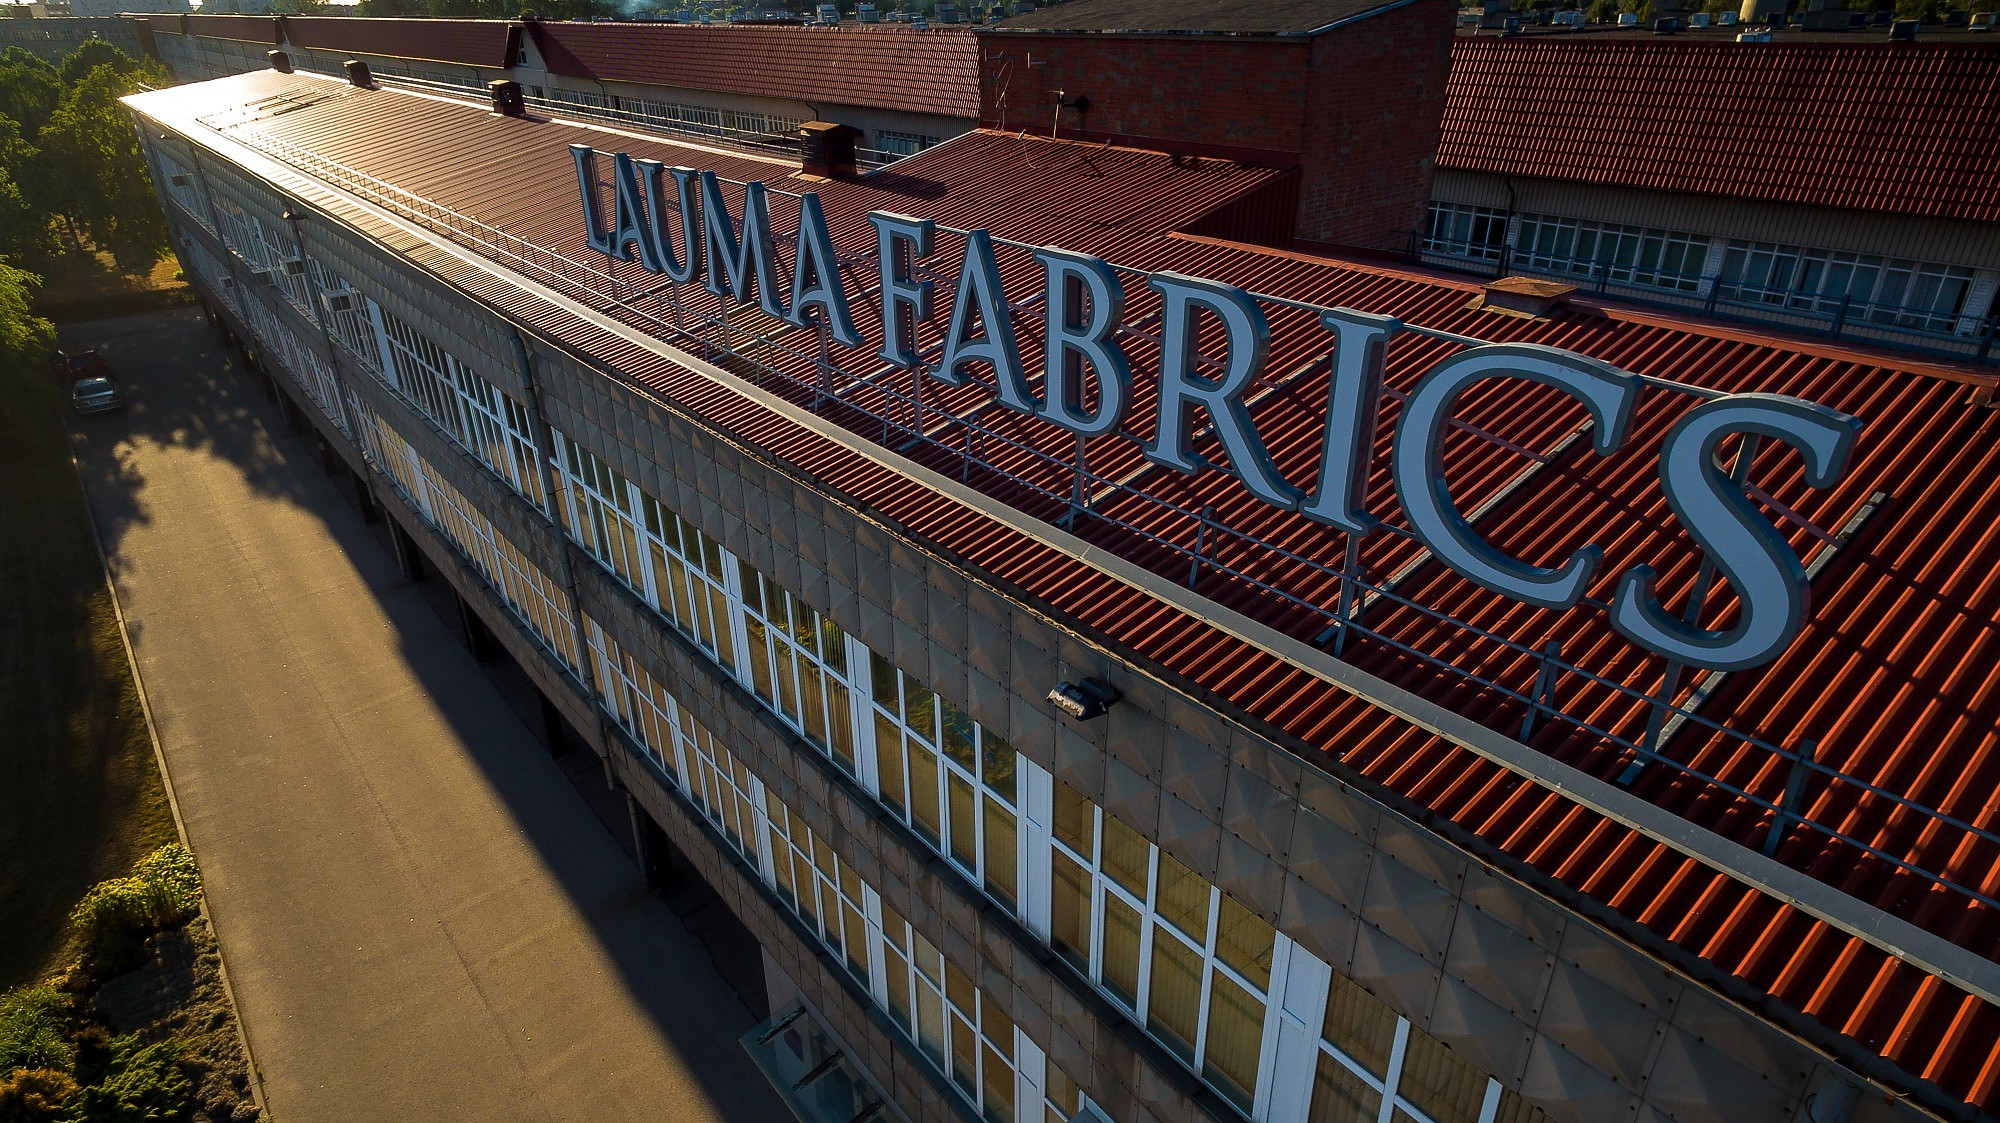 Владельцем «Lauma Fabrics» стало латвийское акционерное общество